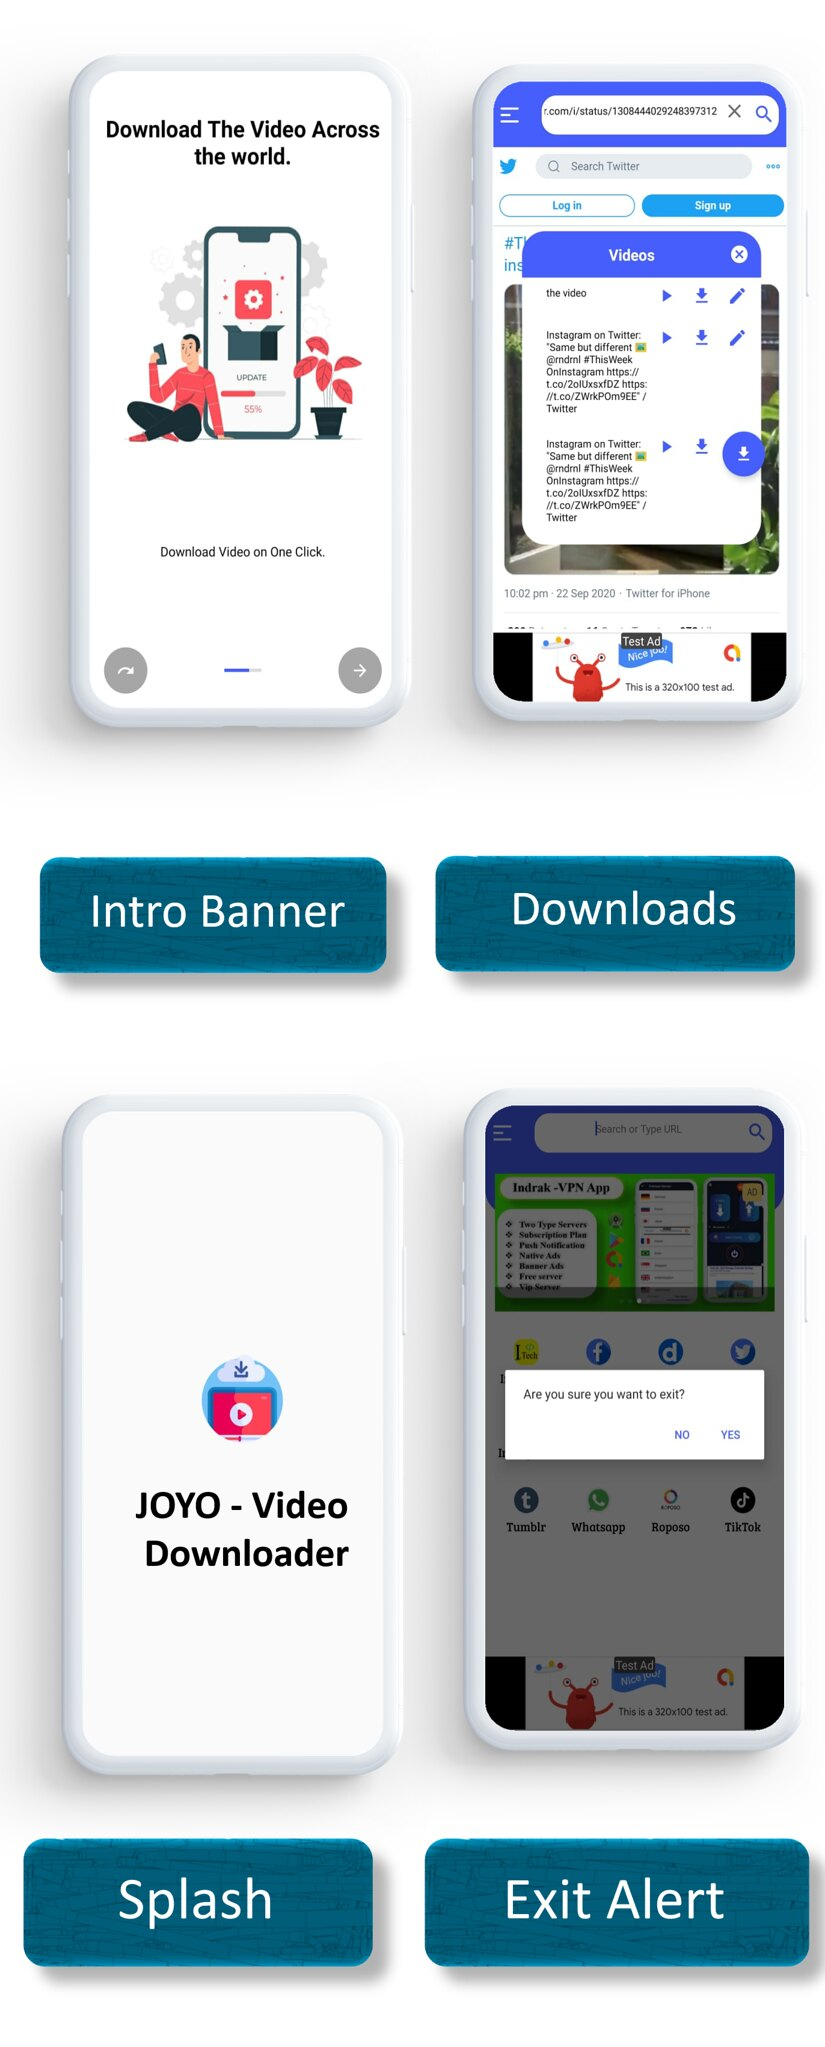 JOYO - Video Downloader App | Facebook Ads | Admob Ads | Slider Banner Image | Push Notification - 5